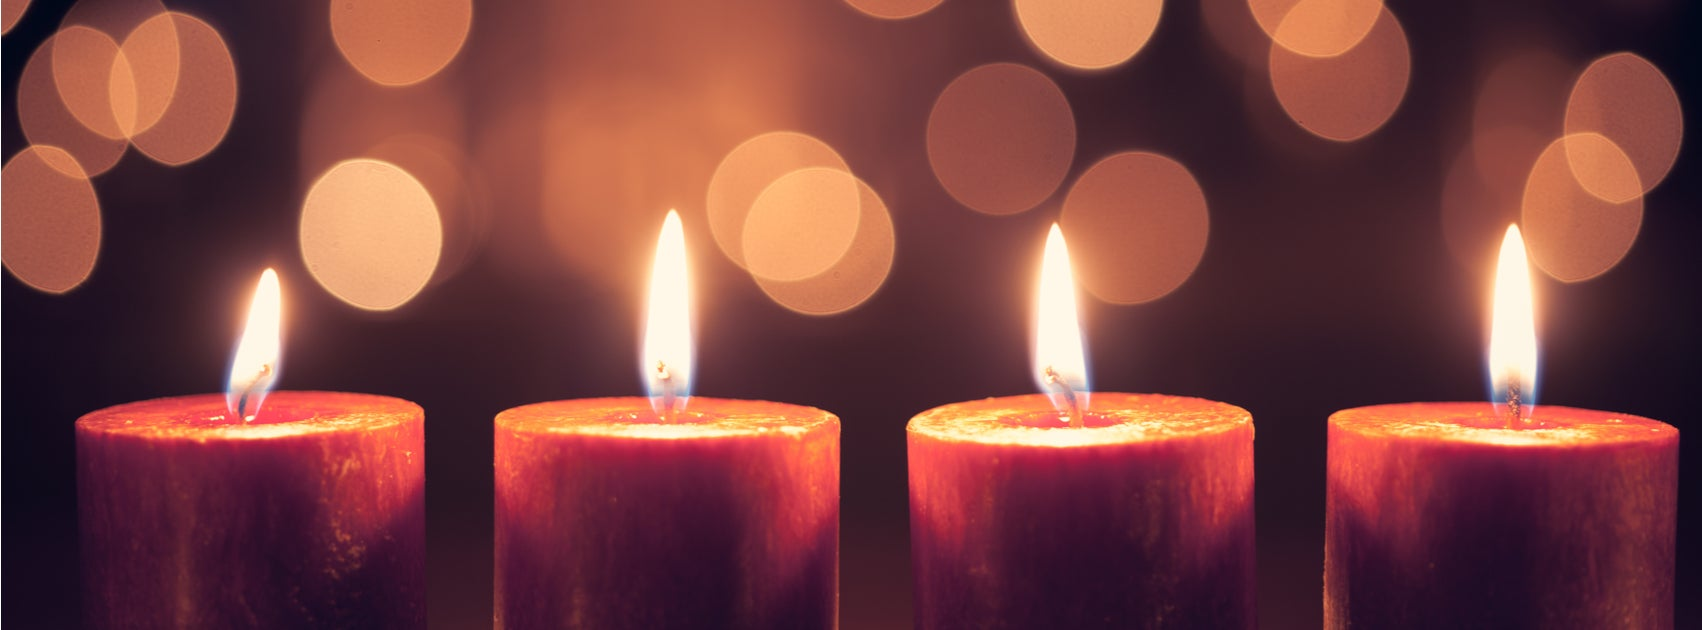 Las velas decorativas: un gran acierto